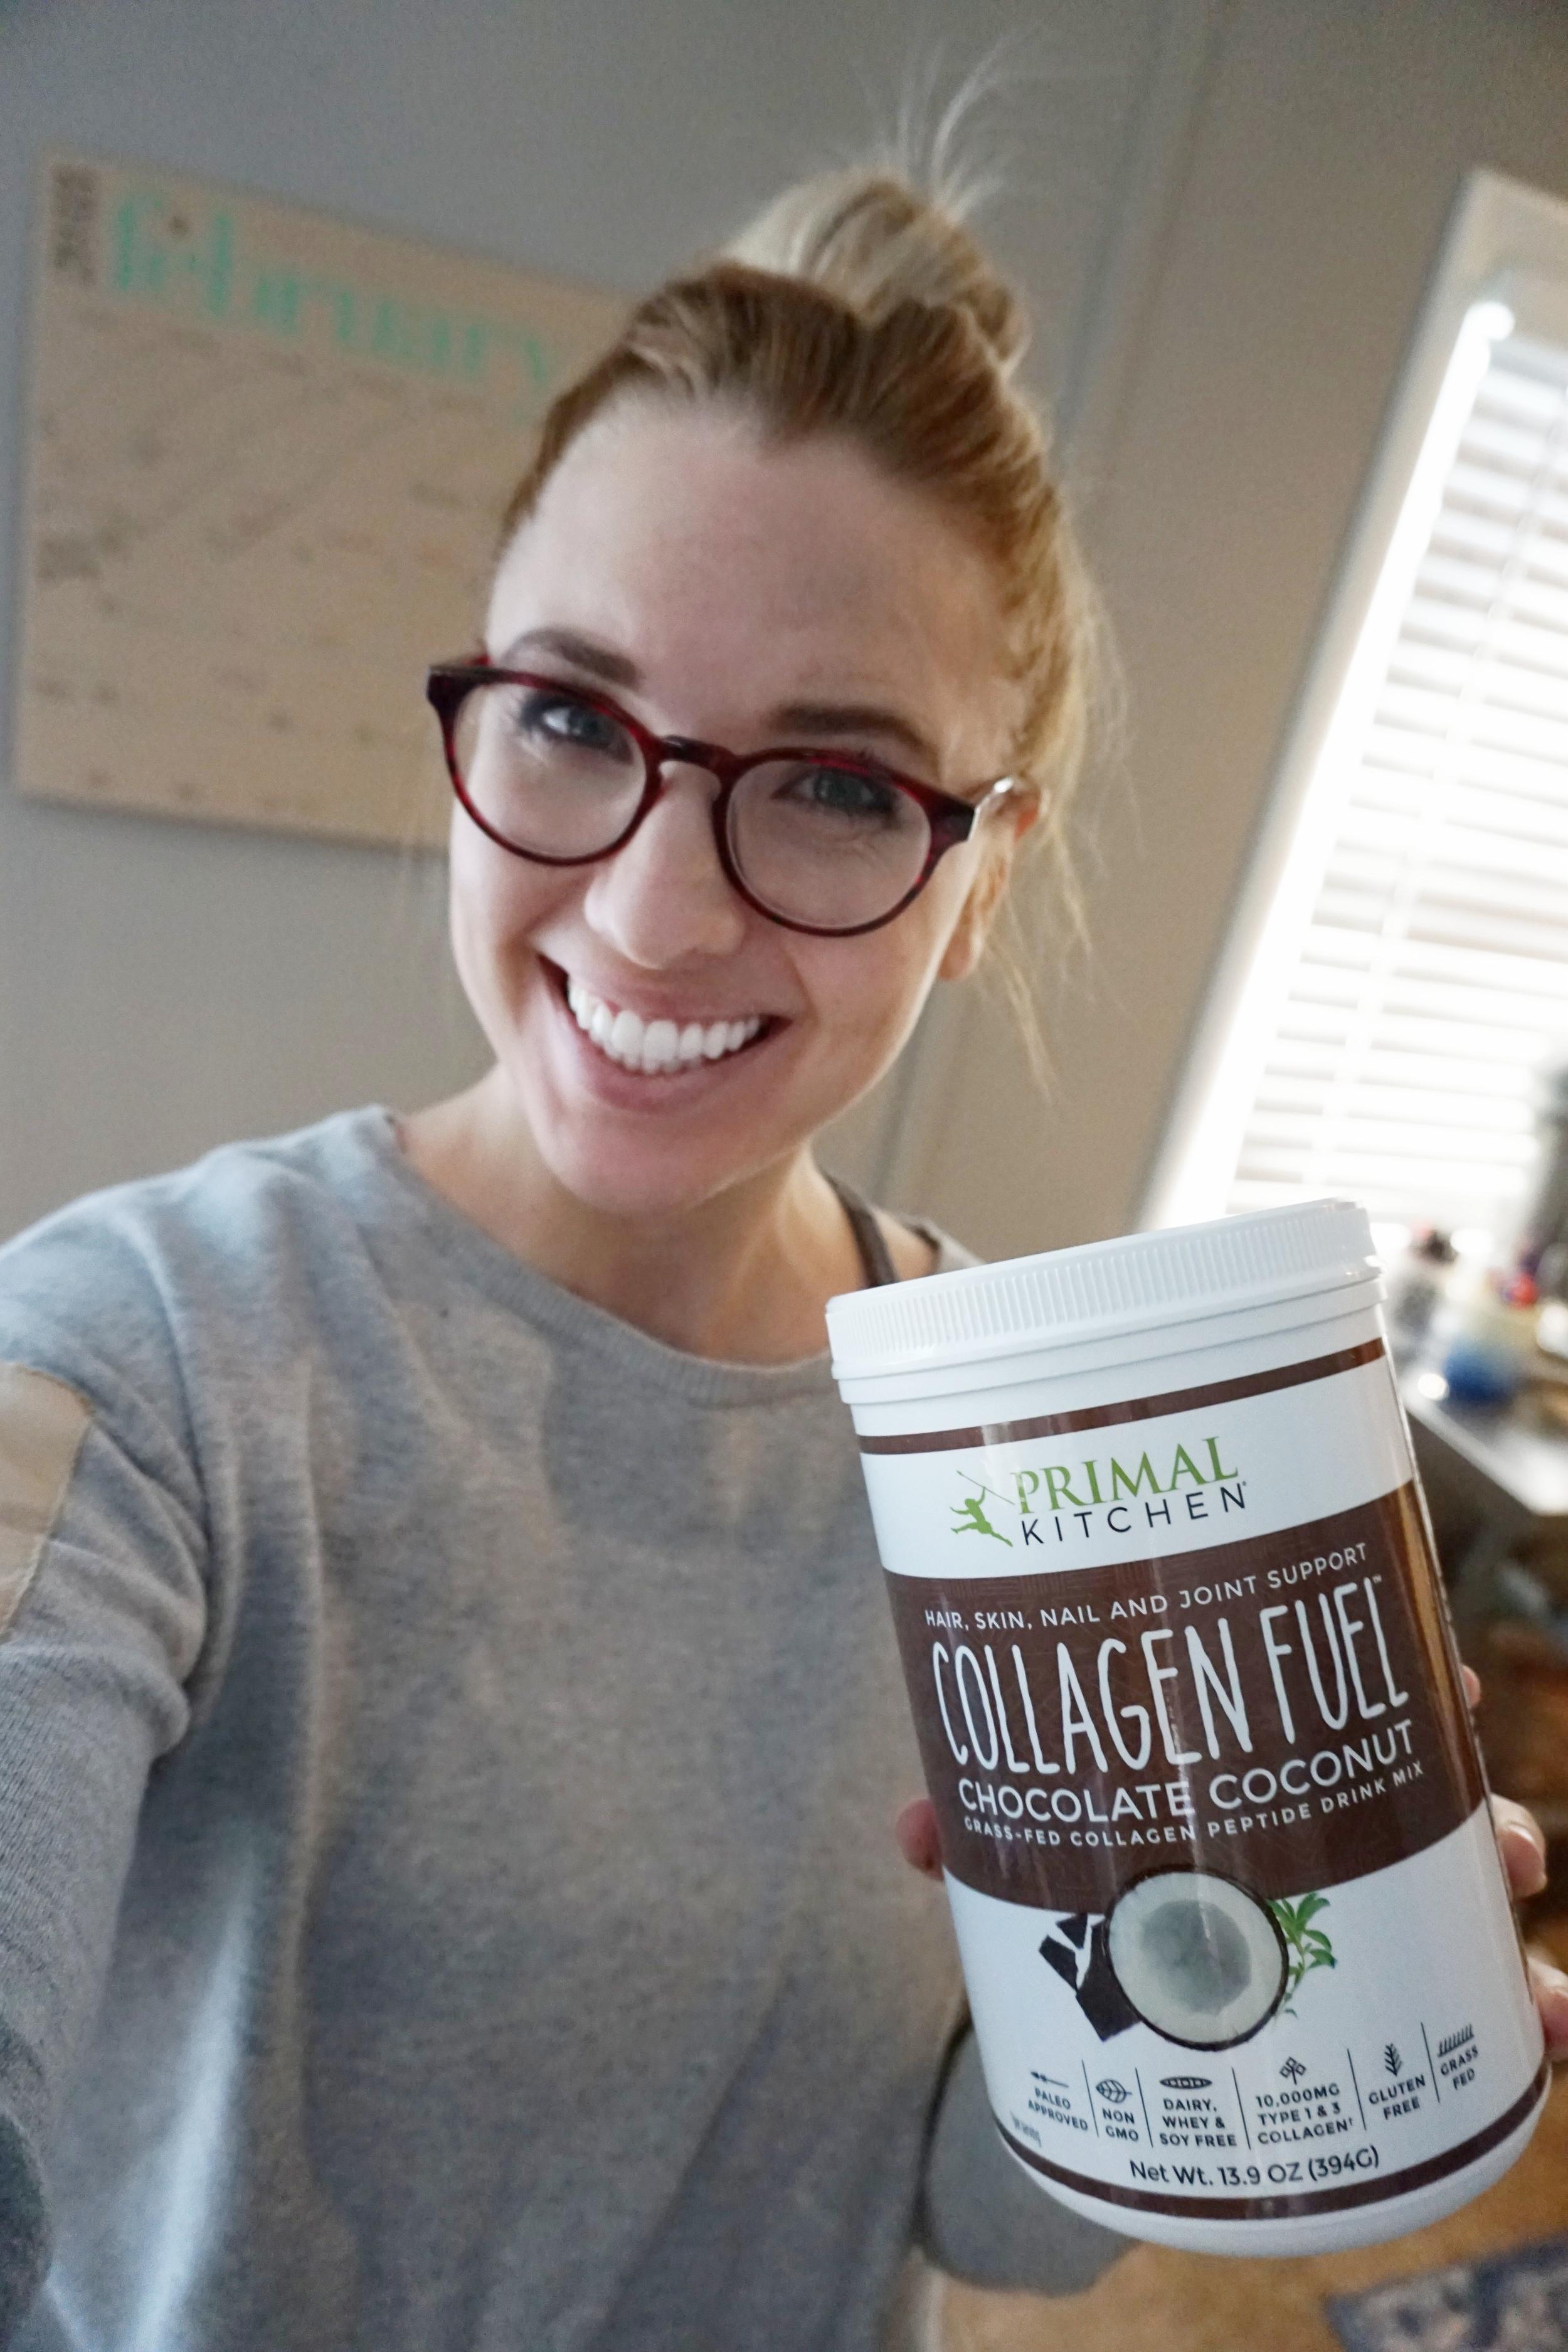 Primal Kitchen Collagen Fuel Chocolate Coconut